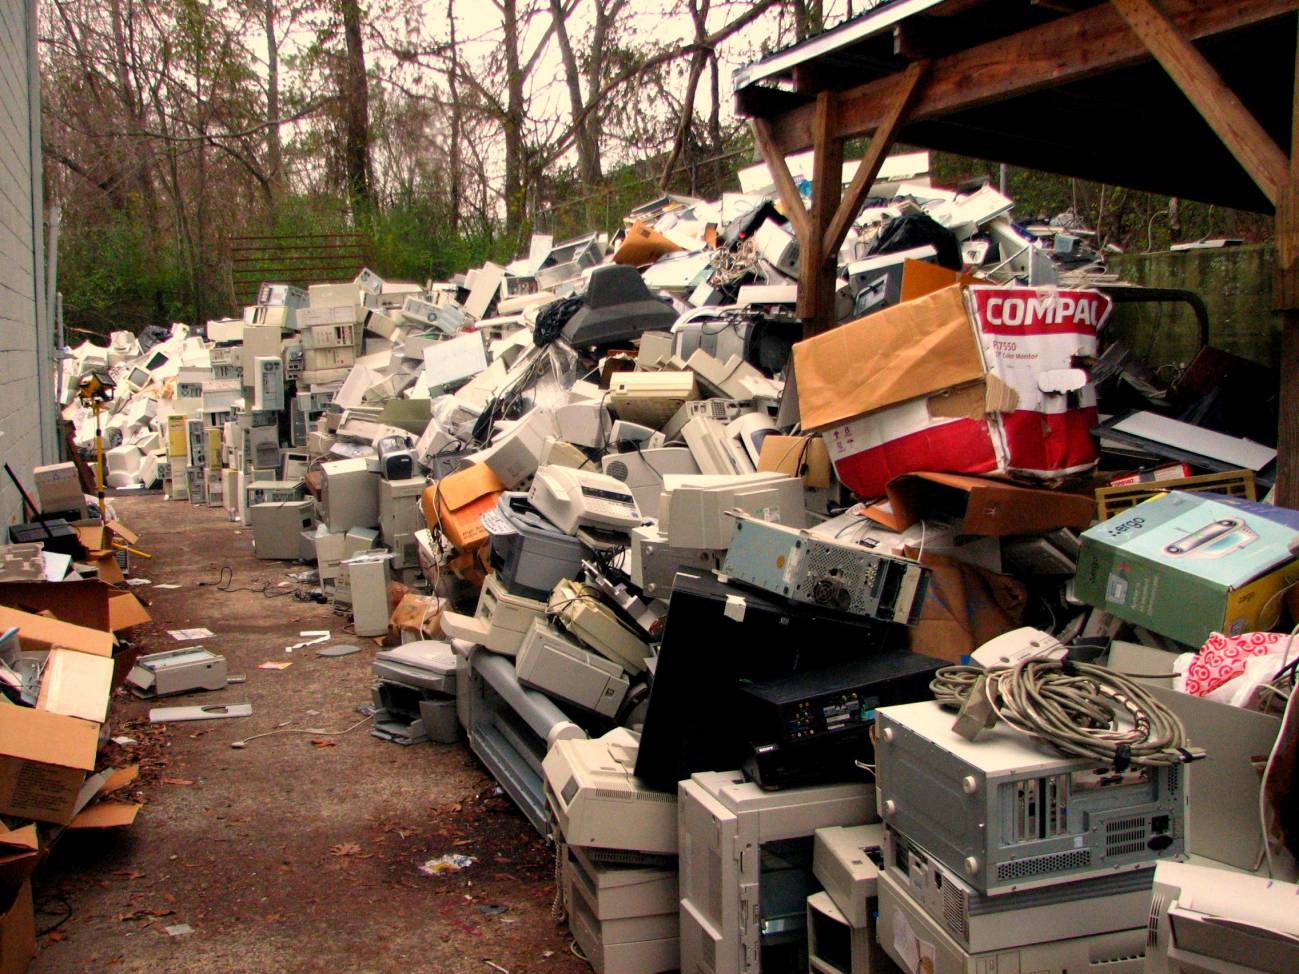 El trabajo analiza la evolución y las etapas de desarrollo del tratamiento de este tipo de residuos. Imagen: Curtis Palmer